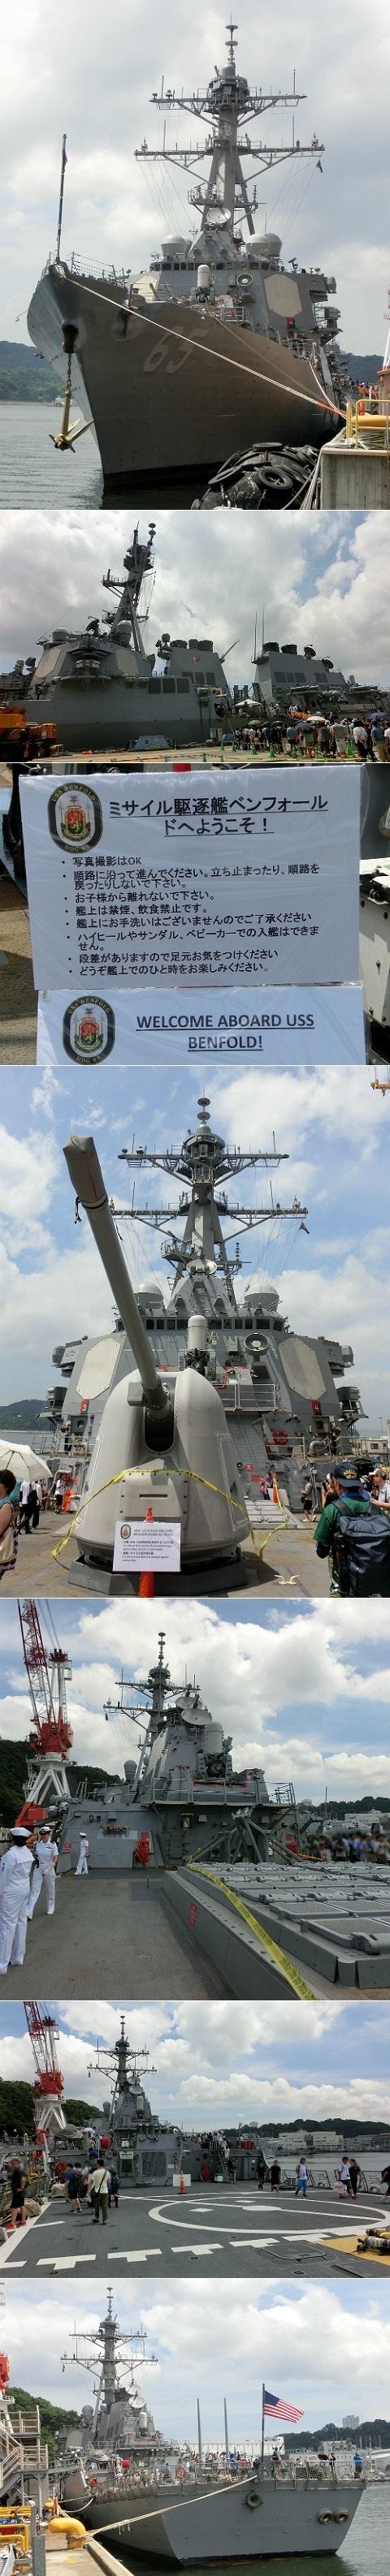 ミサイル駆逐艦ベンフォールド(BENFOLD) DDG65